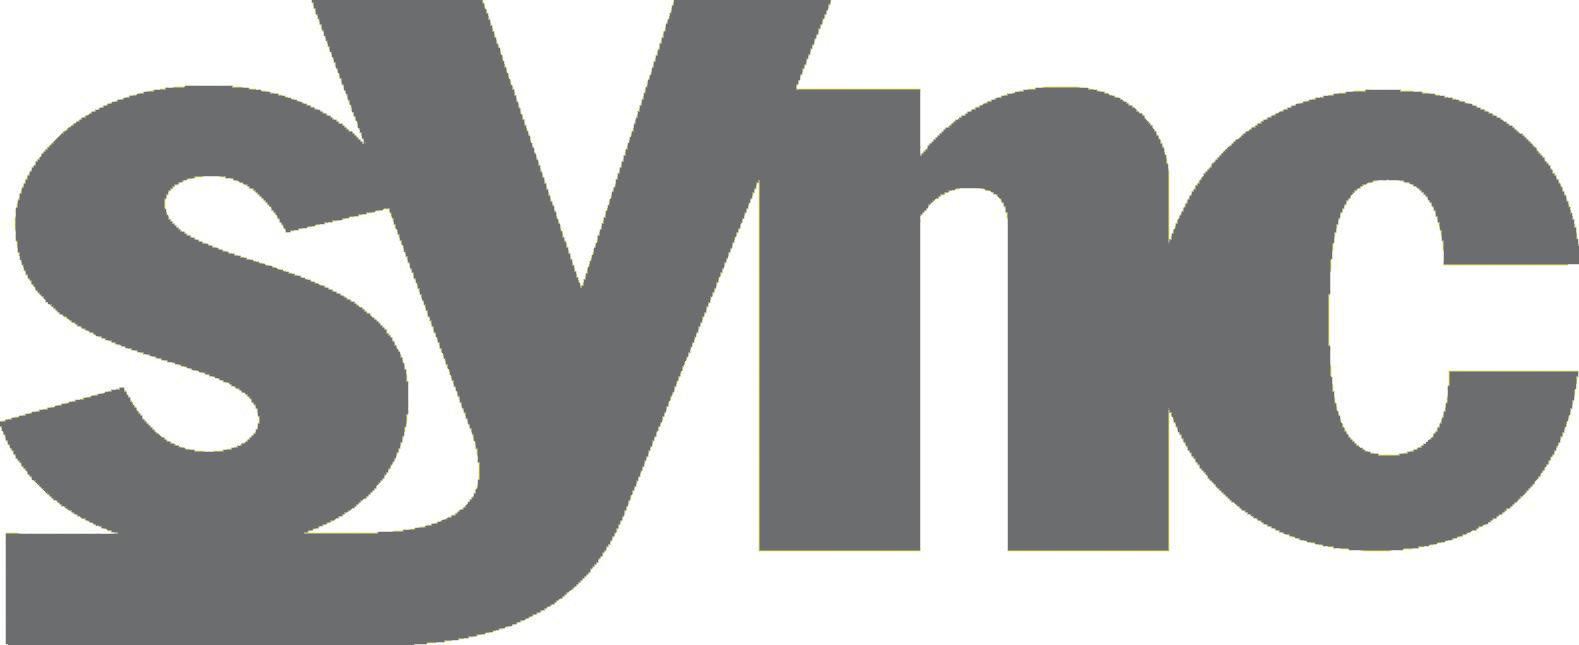 synclogogray_1.jpg